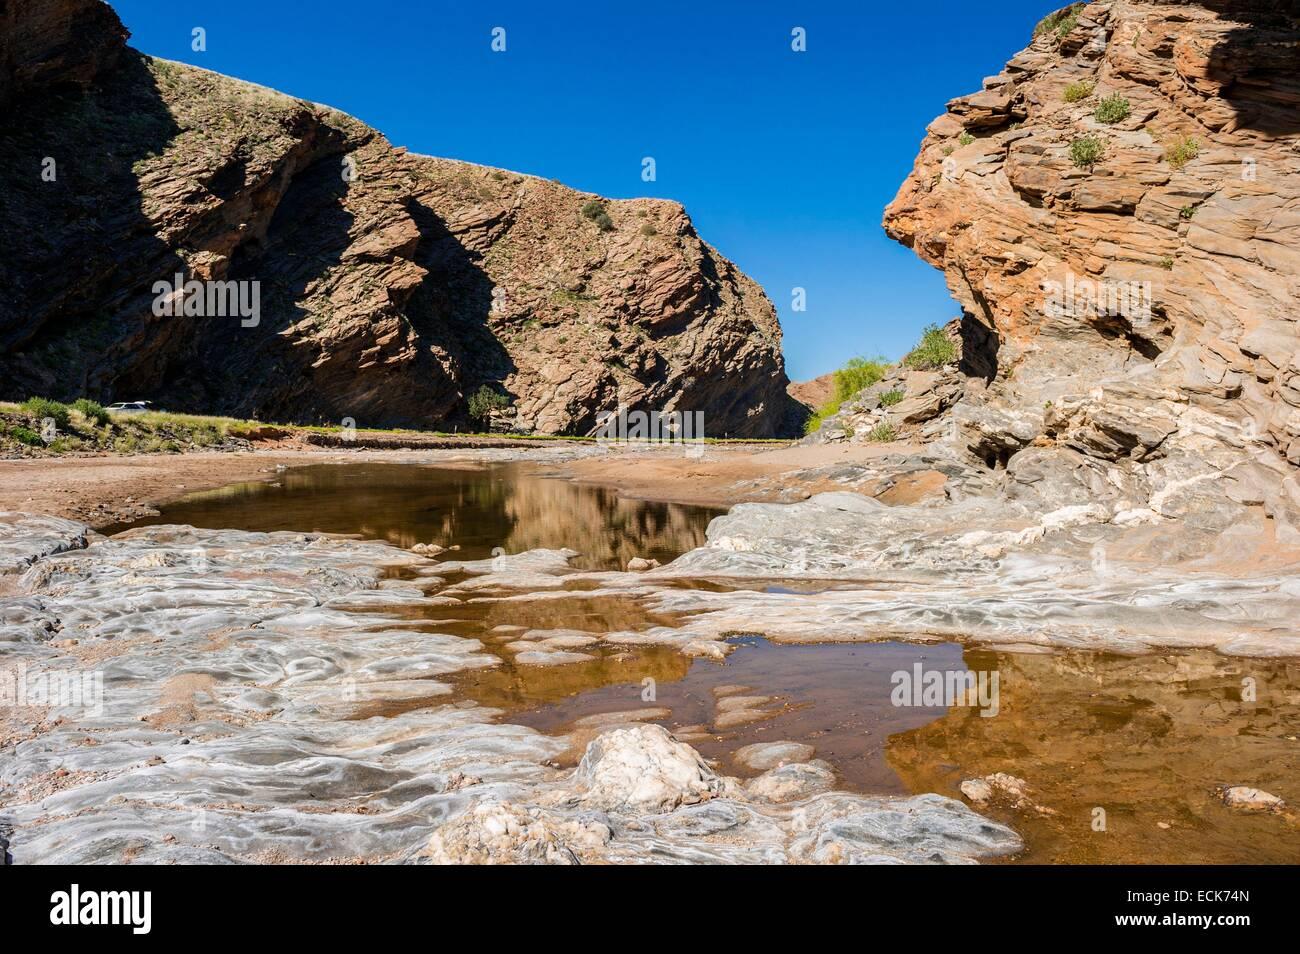 La Namibie, région Hardap, désert du Namib, le Namib Sable mer inscrite au Patrimoine Mondial de l'UNESCO, Photo Stock